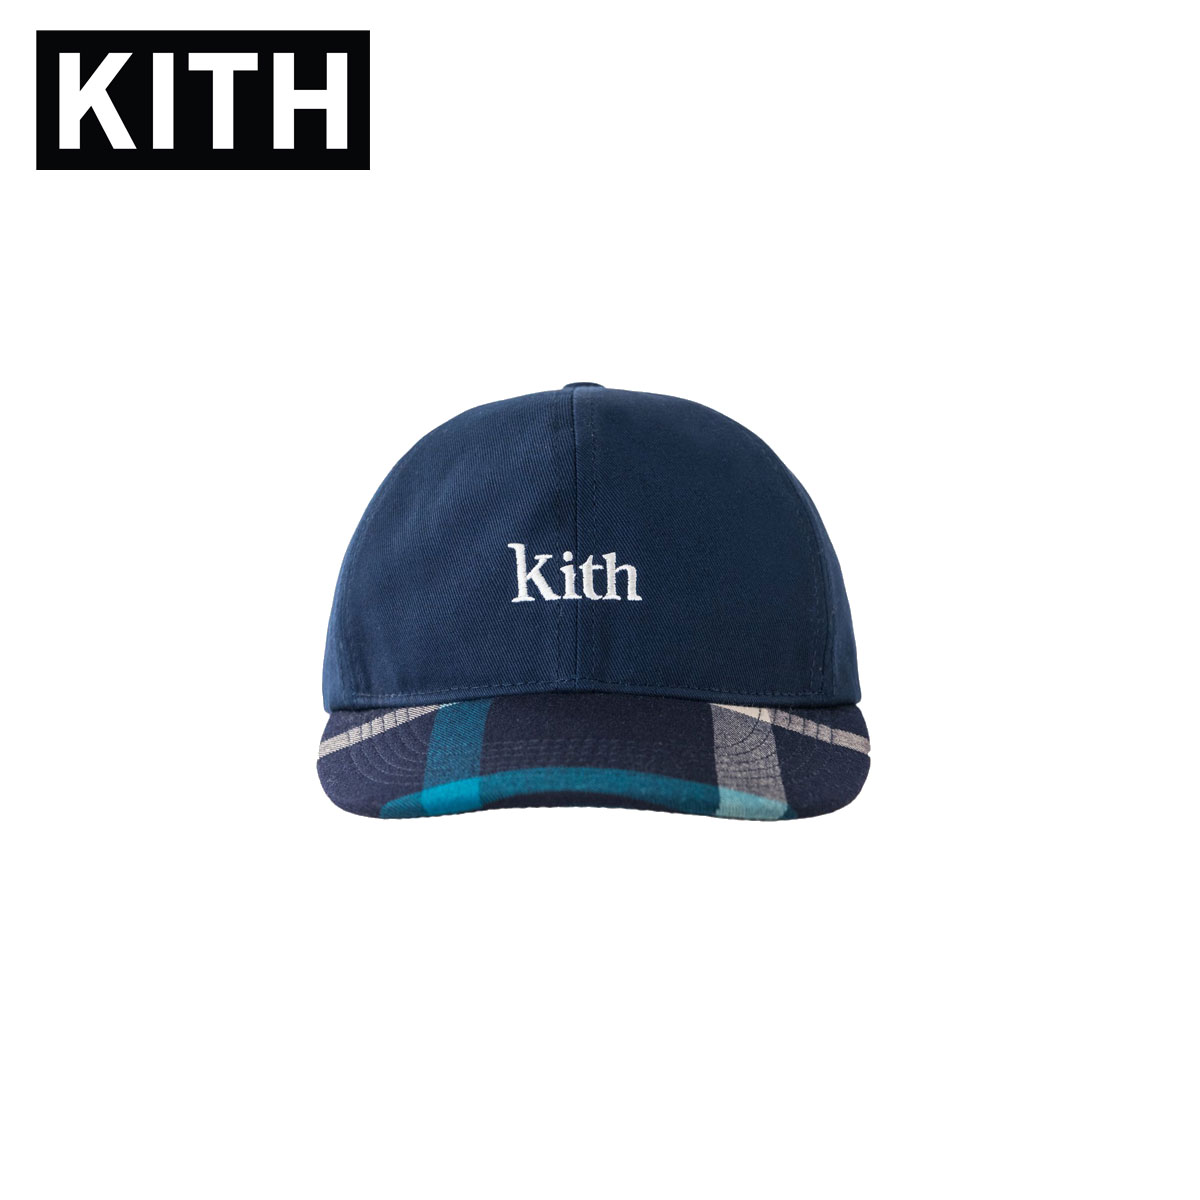 キス KITH 正規品 メンズ 帽子 キャップ KITH CREST FLAT CAP KH5188-102 NAVY / BLUE